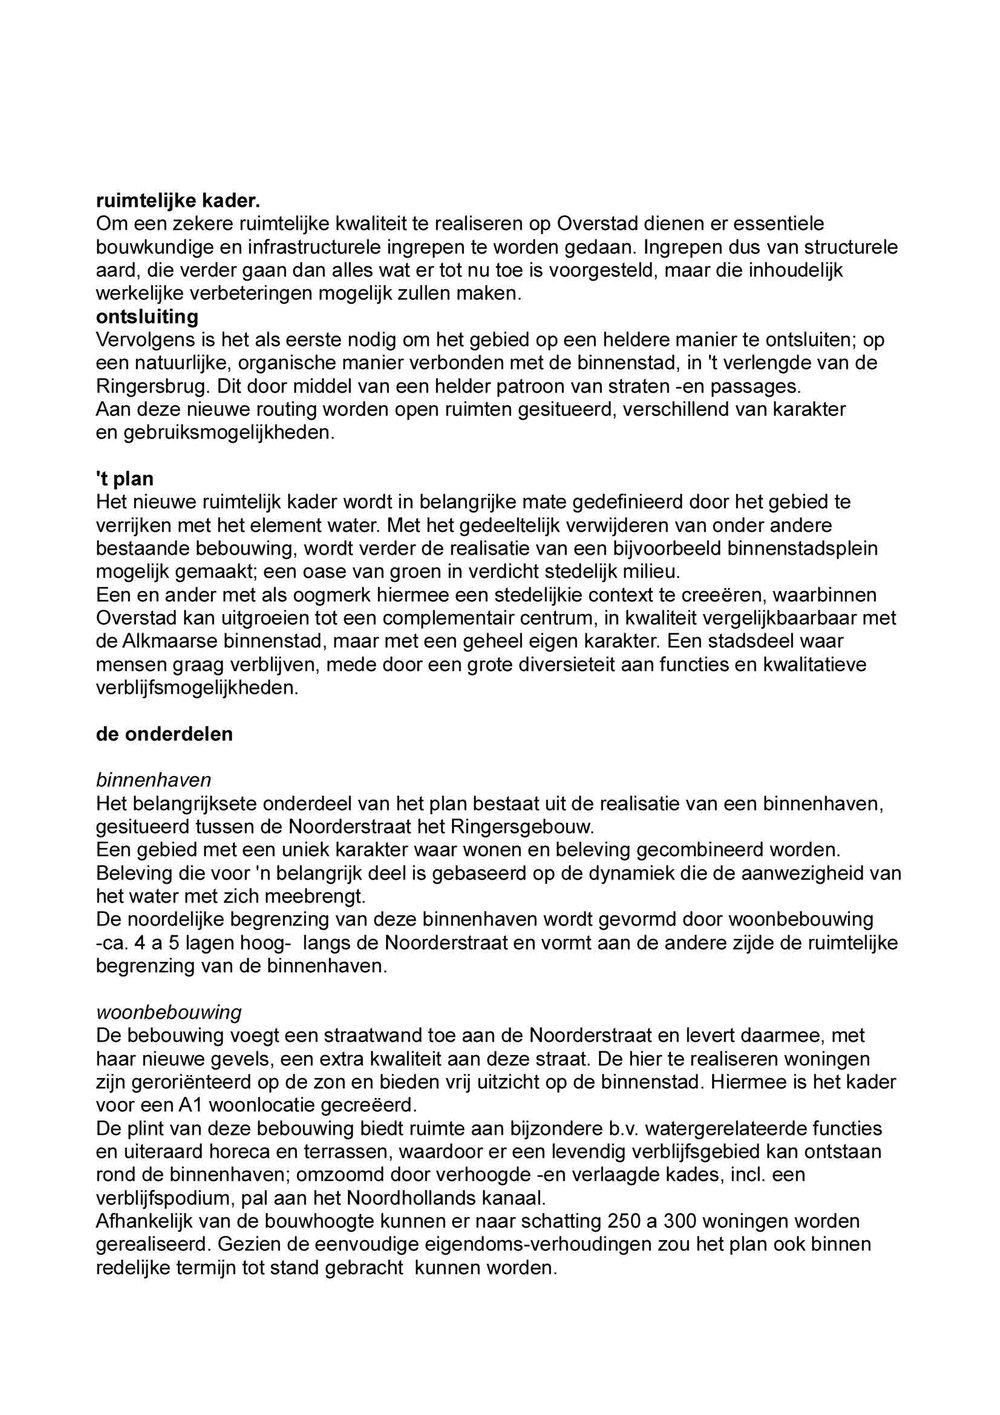 Herontwiikeling Overstad, nieuw Ruimtelijk kader (2).jpg